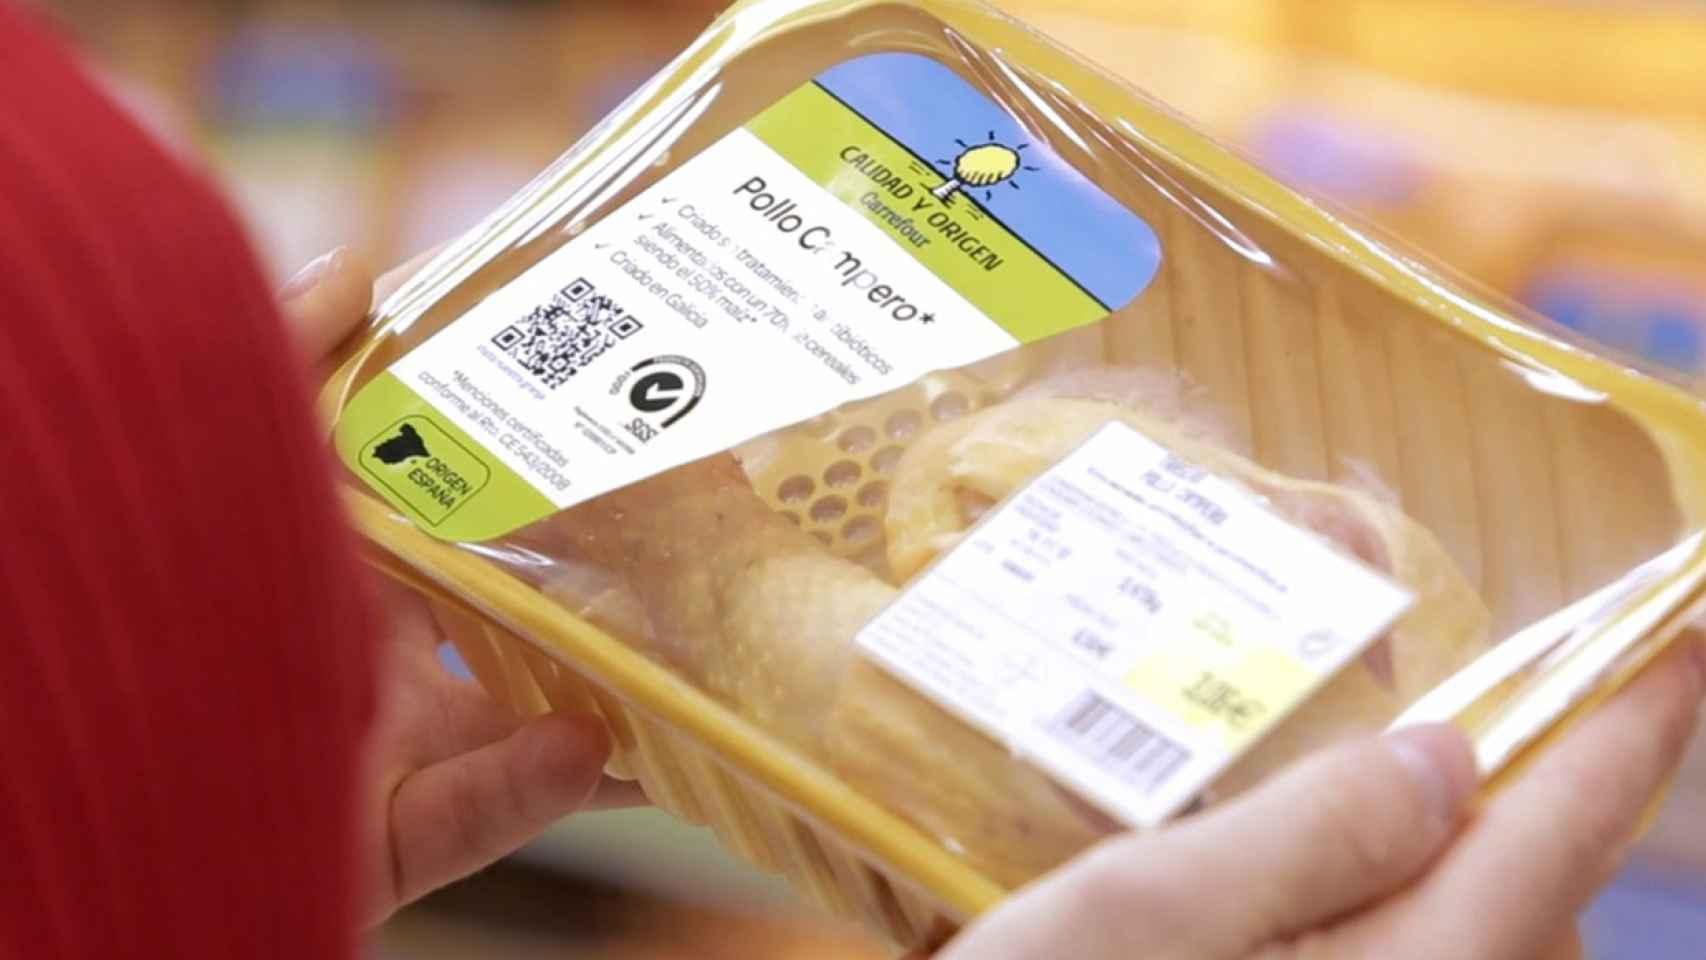 El pollo campero de Carrefour ofrece la trazabilidad completa del producto.